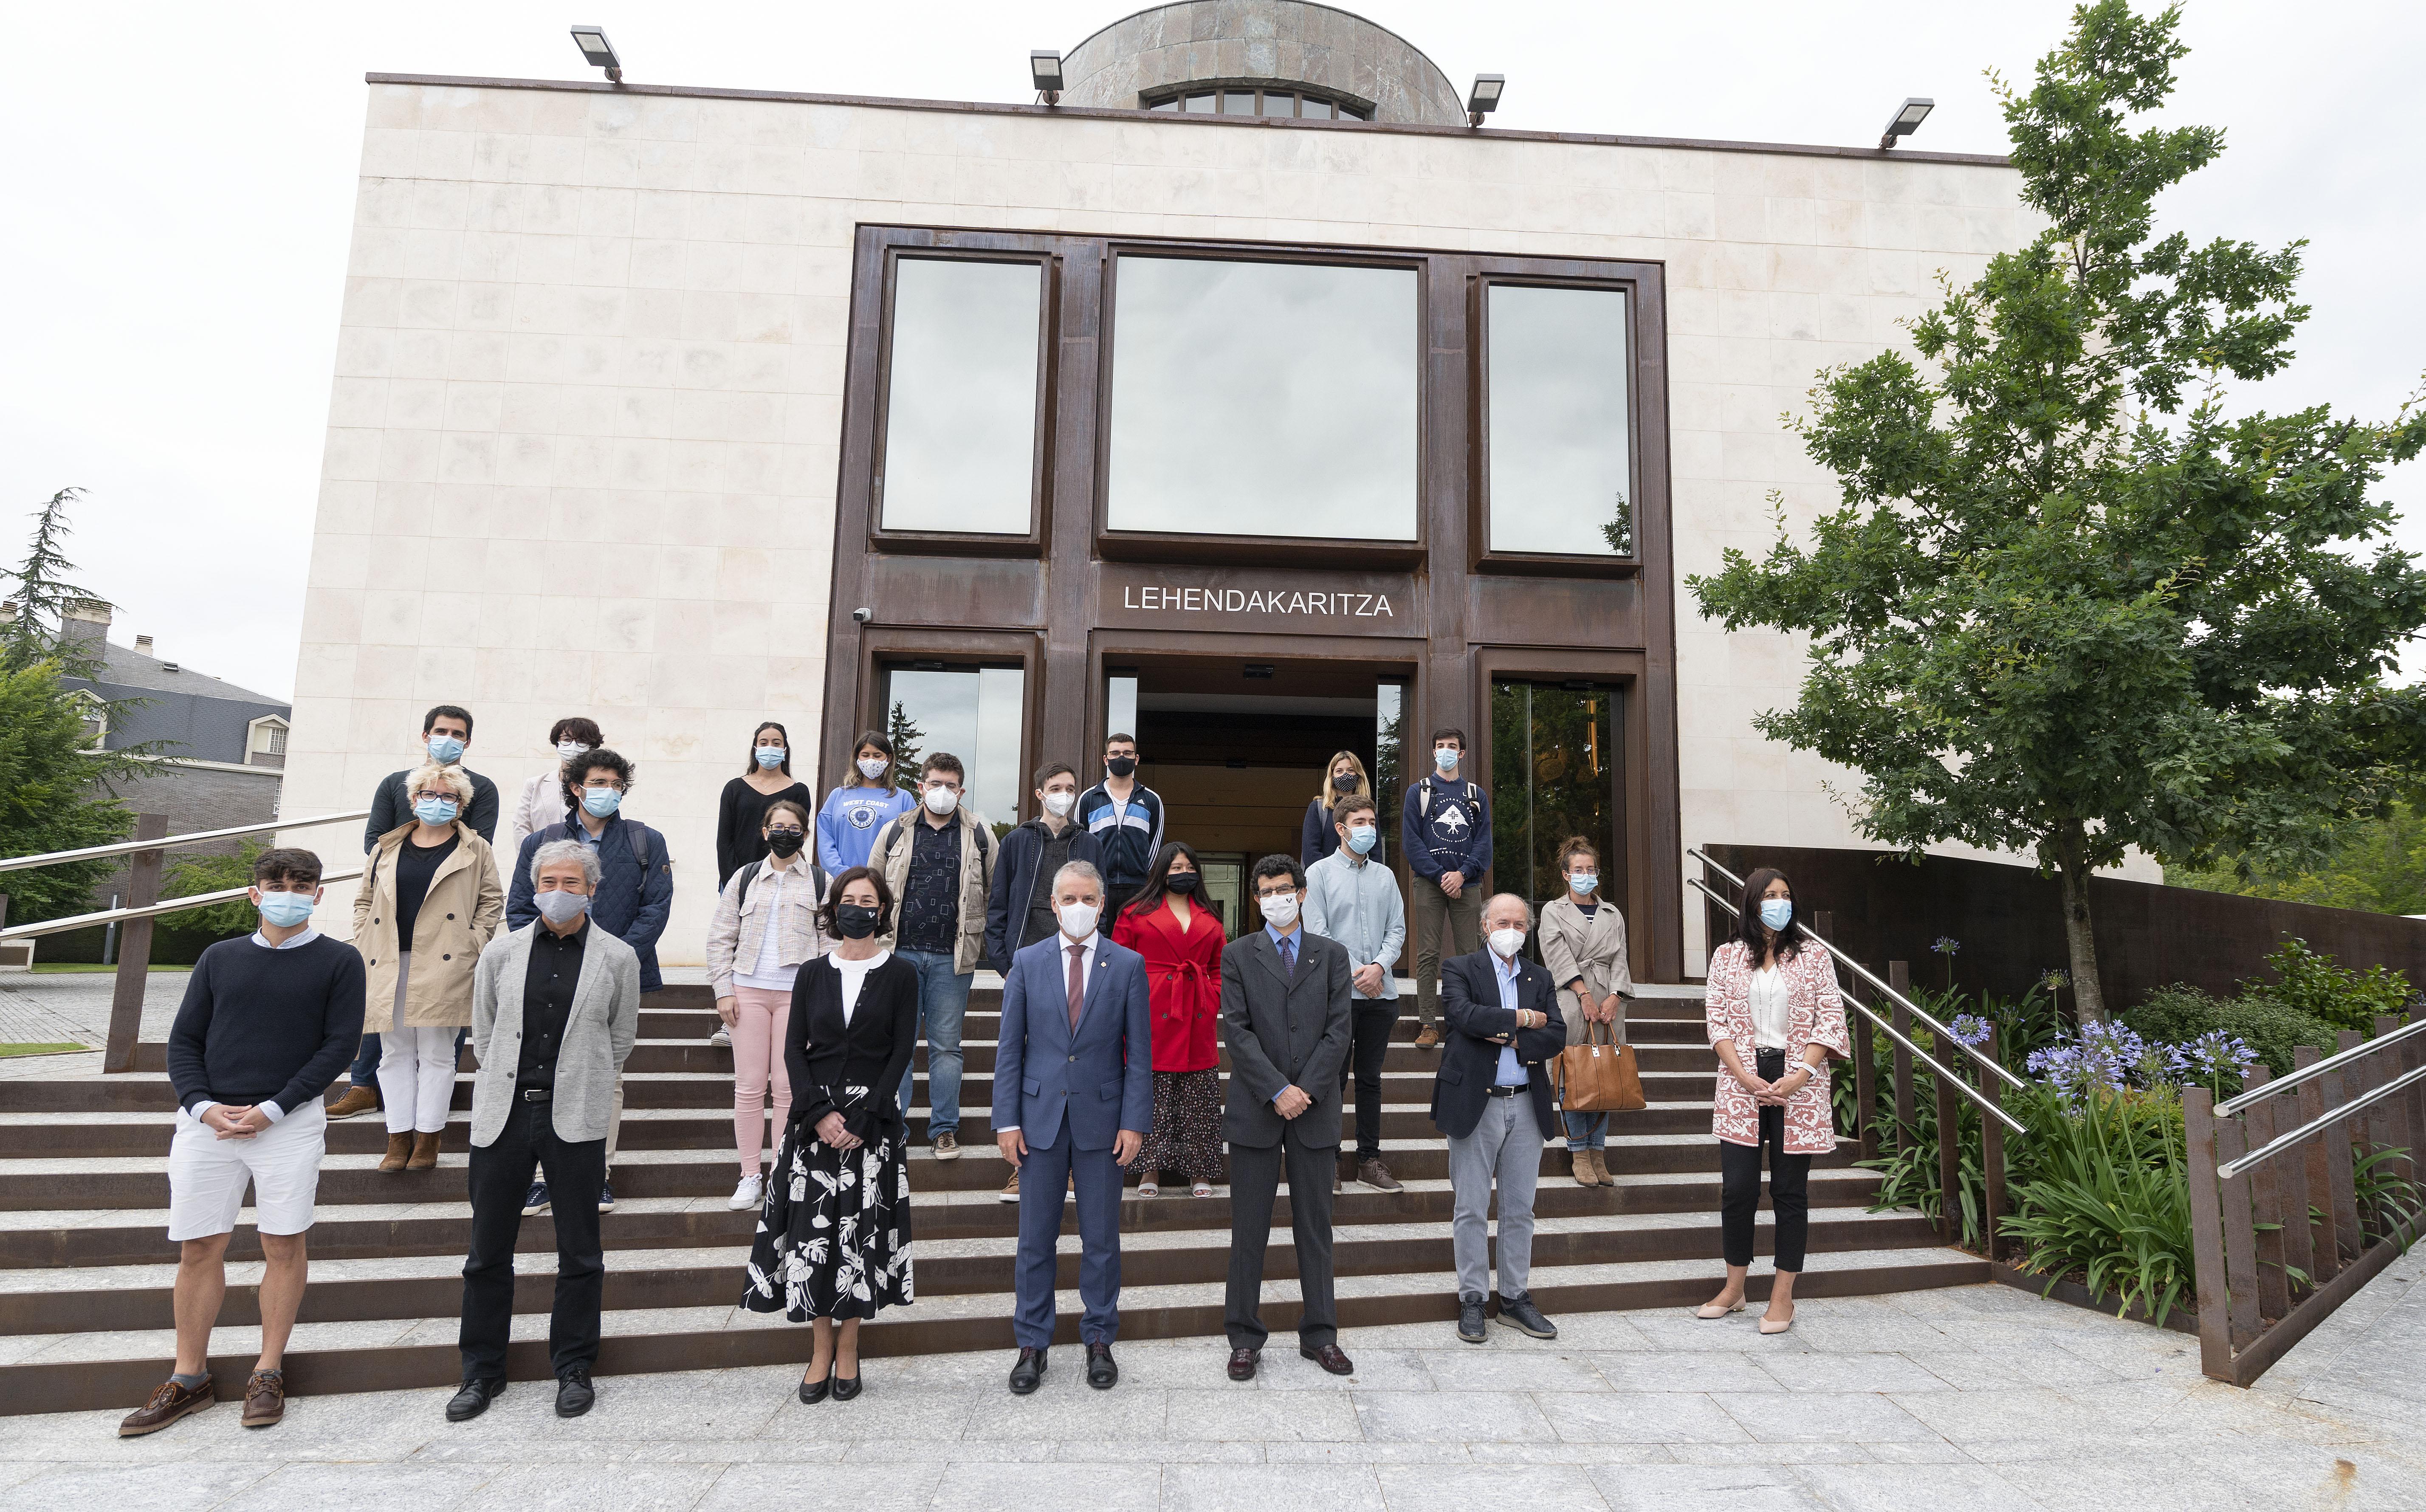 El Lehendakari recibe al alumnado y responsables de los Cursos de Derecho Internacional y Relaciones Internacionales de Vitoria-Gasteiz [23:05]